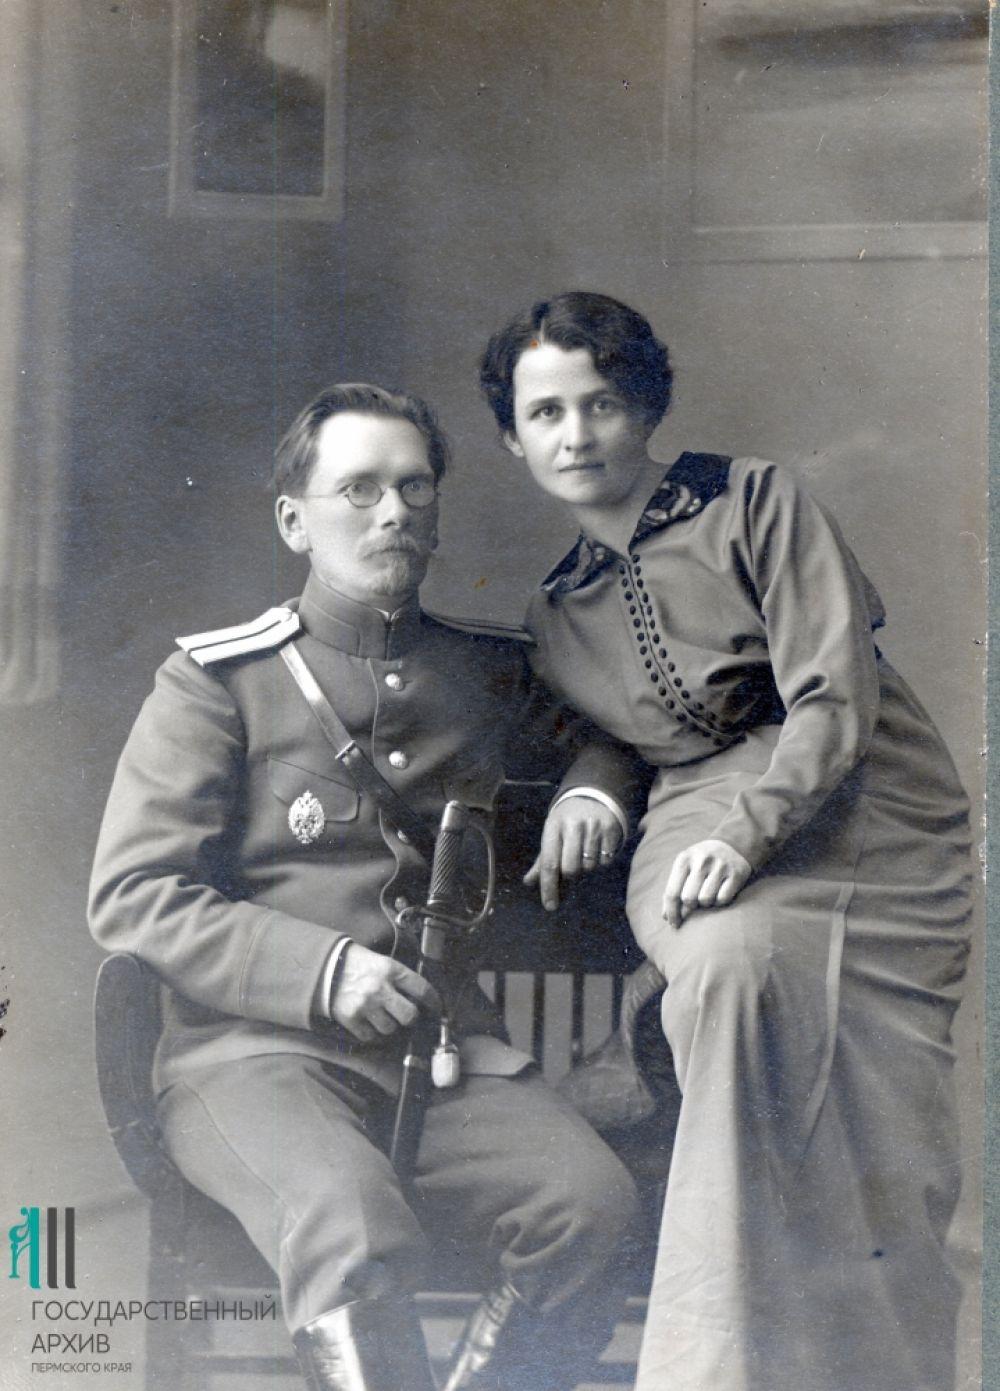 Пермские врачи-участники Первой мировой войны Михаил Бажанов и его жена Клавдия Серебрякова-Бажанова.